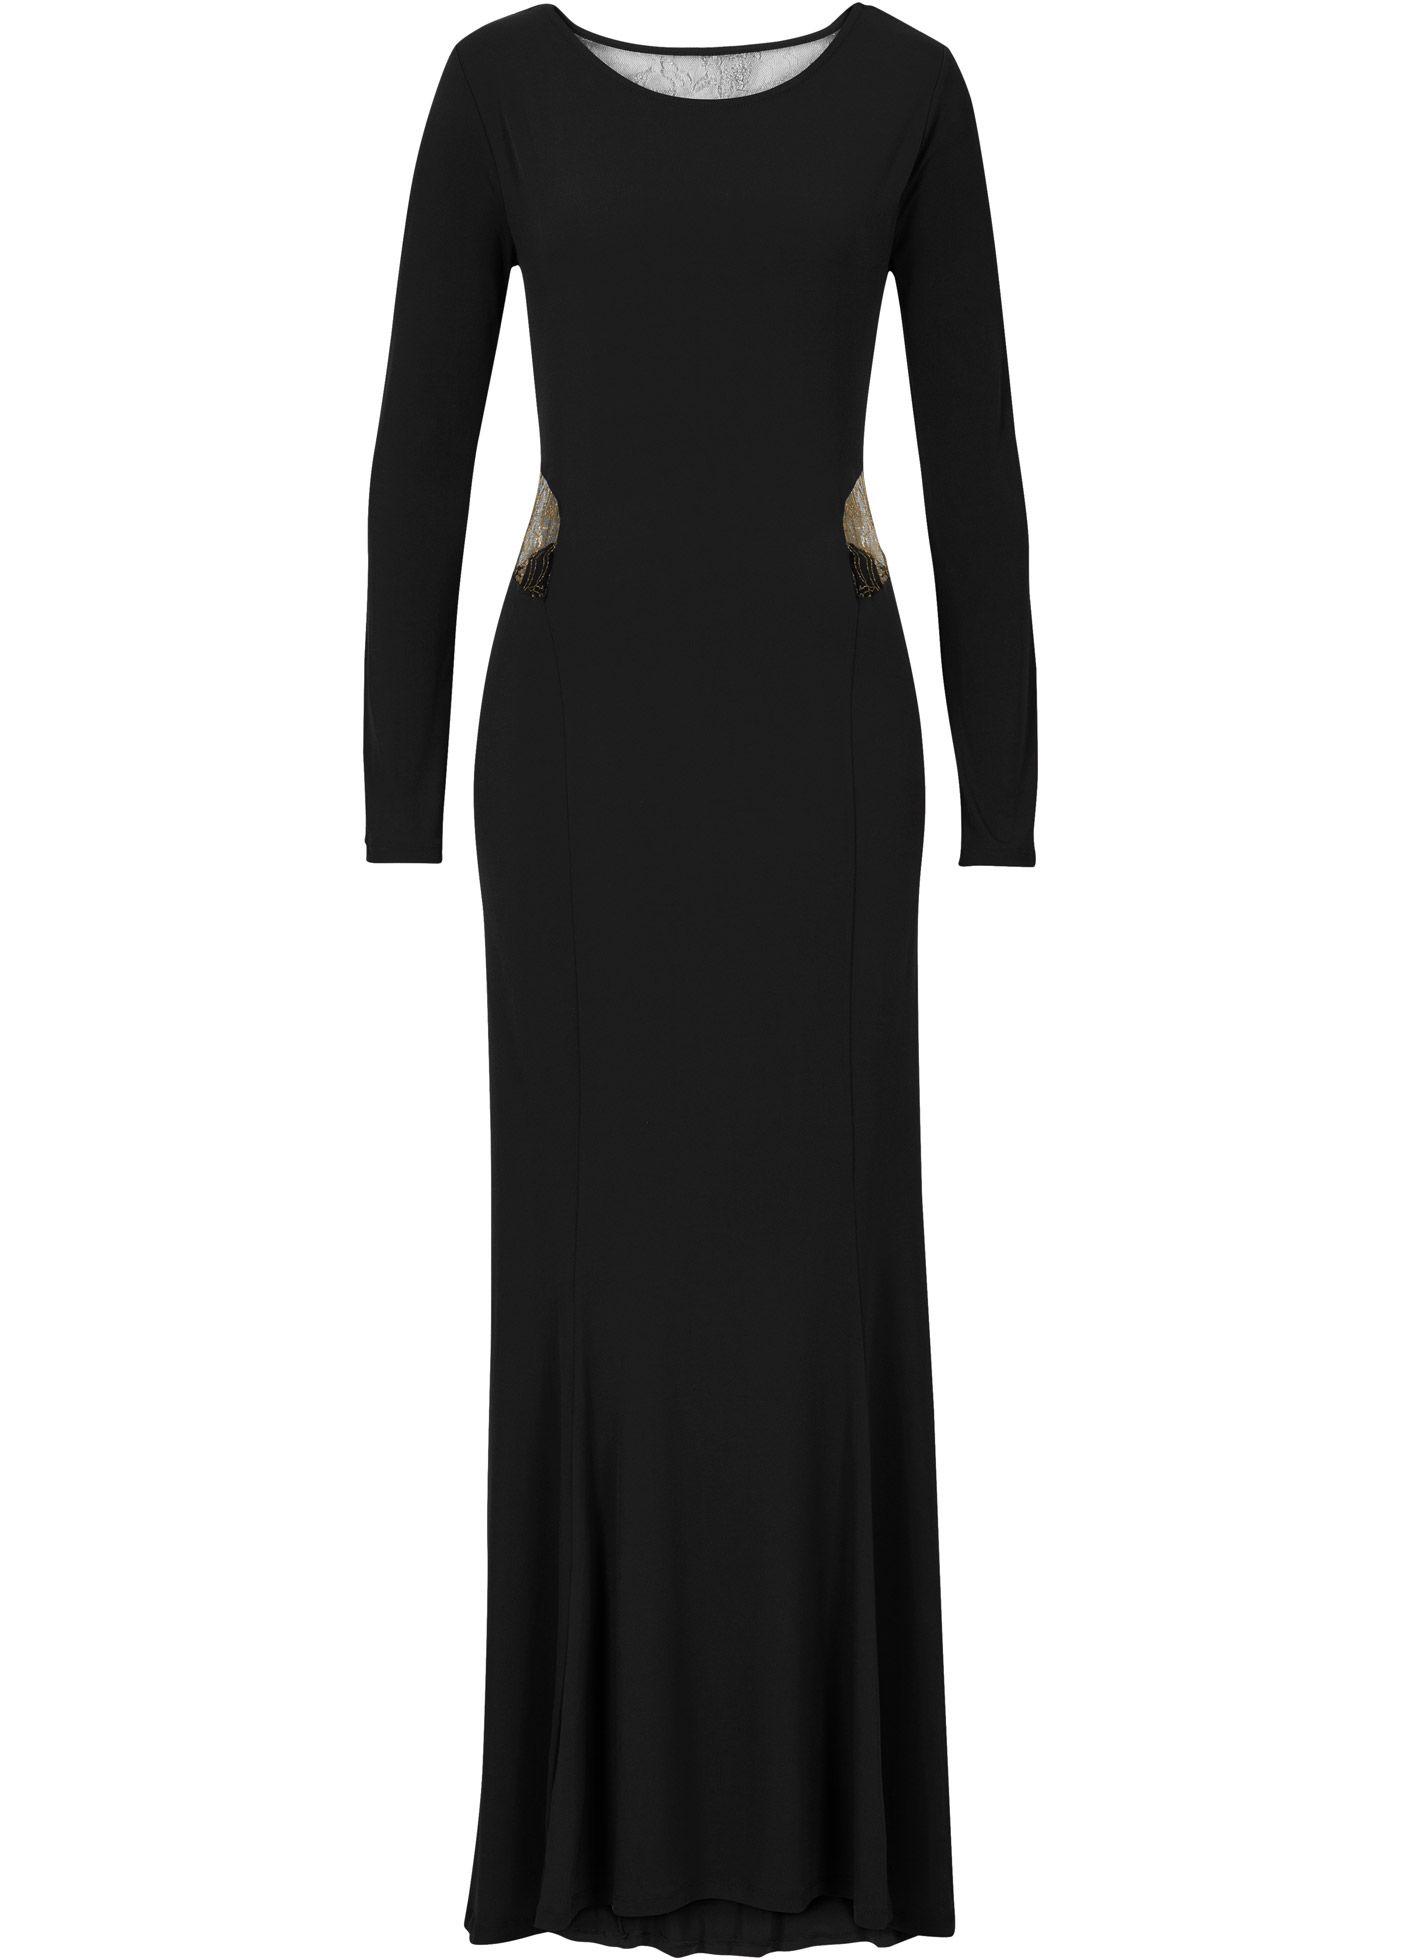 Schalen BH, Cup C  Abendkleid schwarz, Modestil, Abendkleid